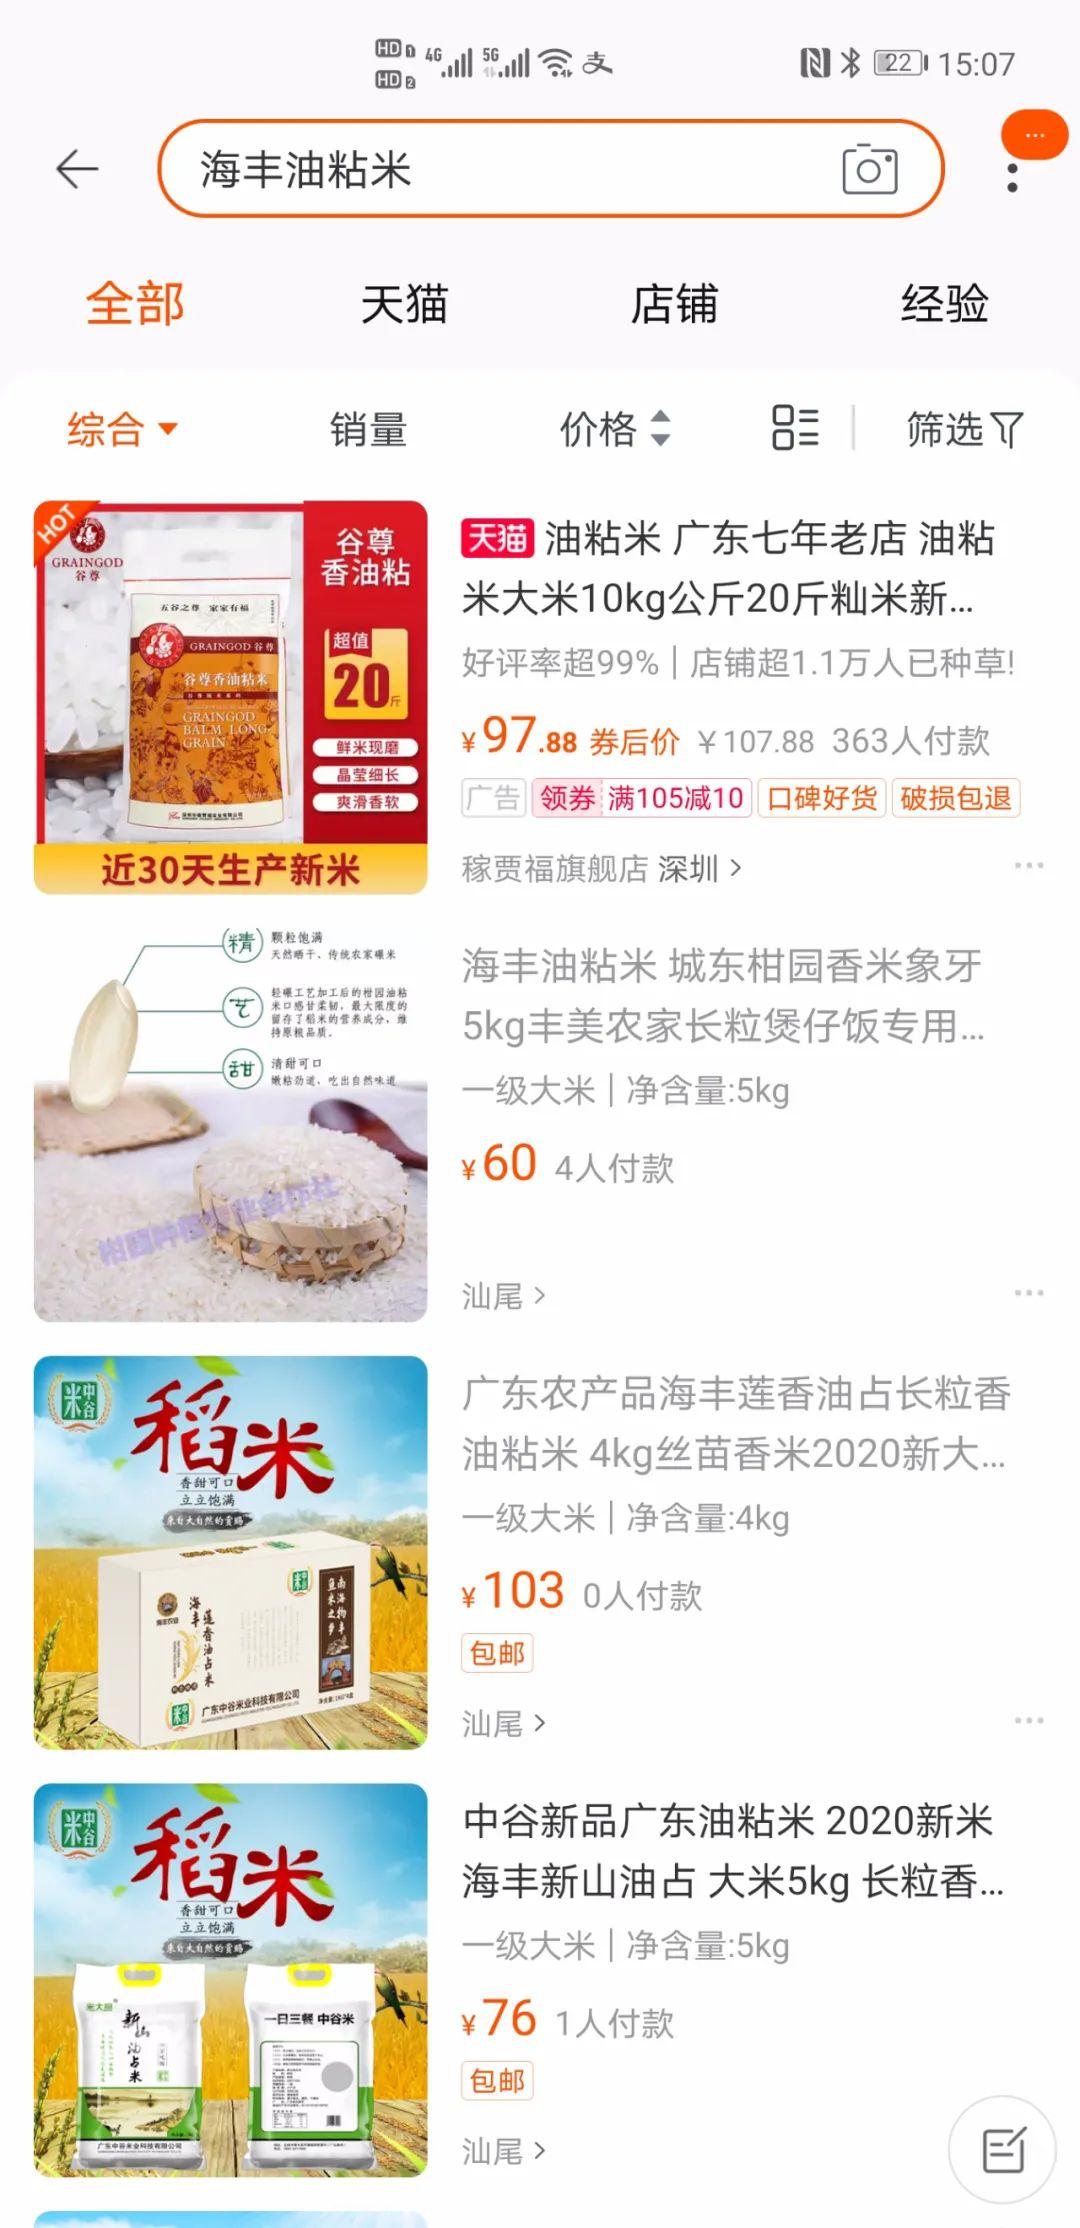 如何买到海丰油粘米? 海丰新闻 第2张